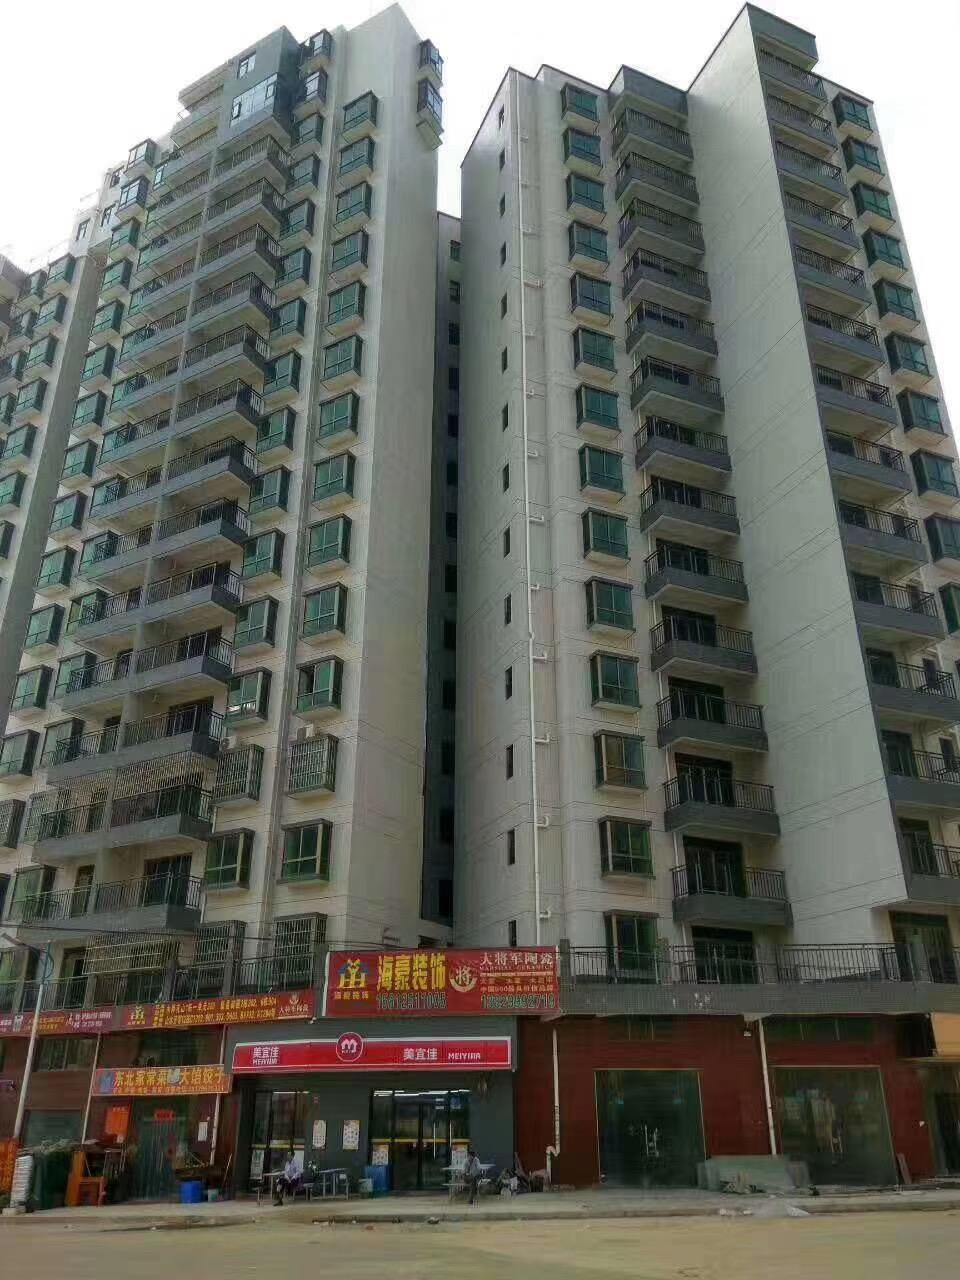 惠州新圩大型村委统建楼,碧桂园旁边山水豪庭精装 24.8万/套起